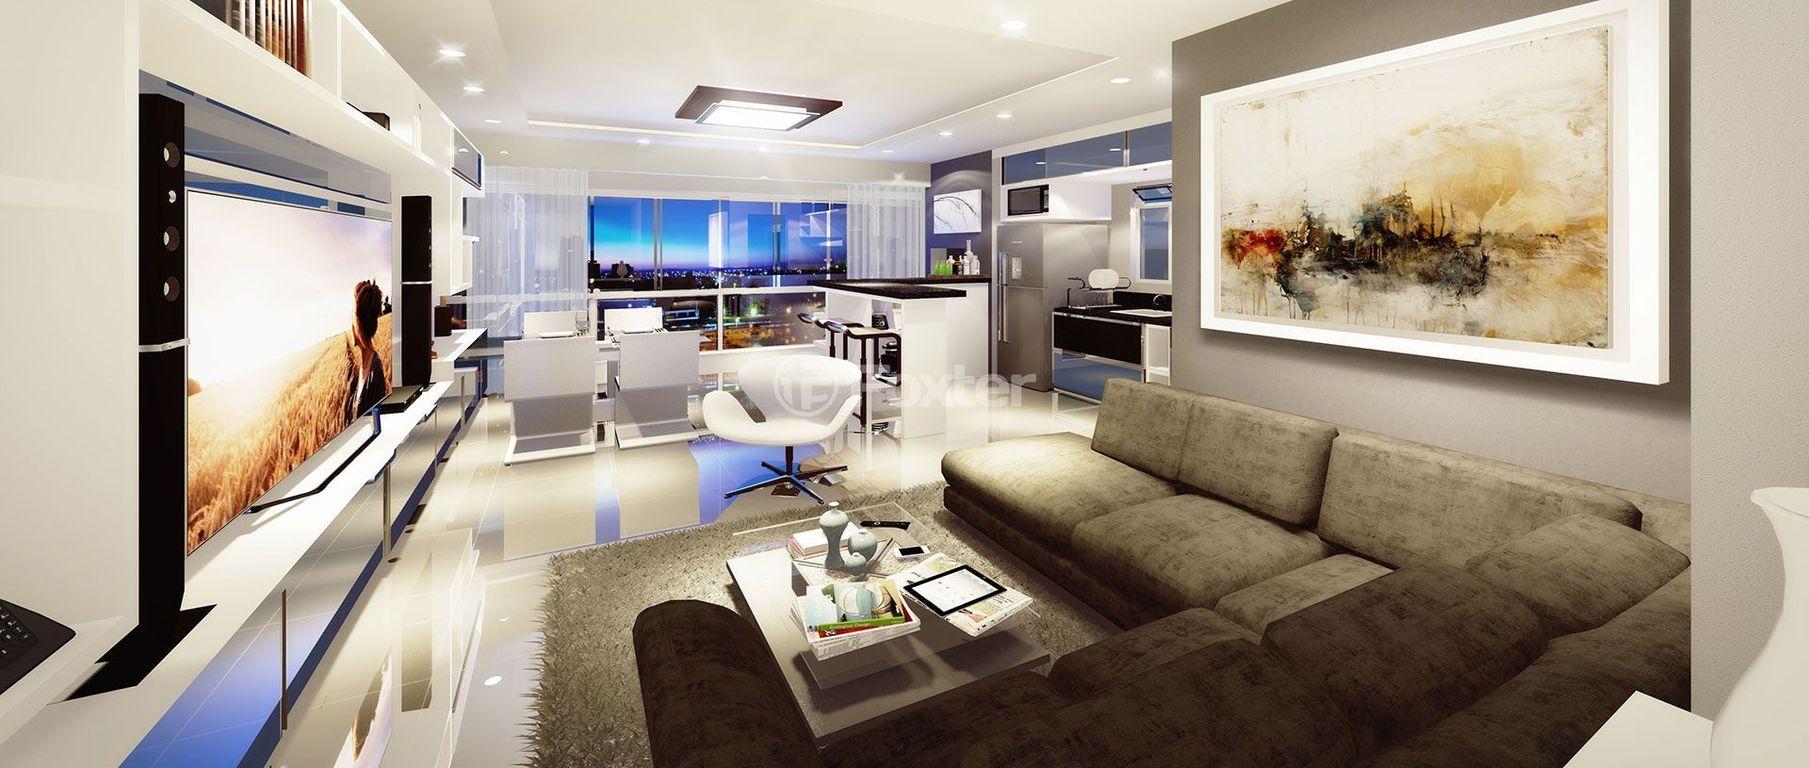 Foxter Imobiliária - Apto 2 Dorm, Centro (145844) - Foto 11